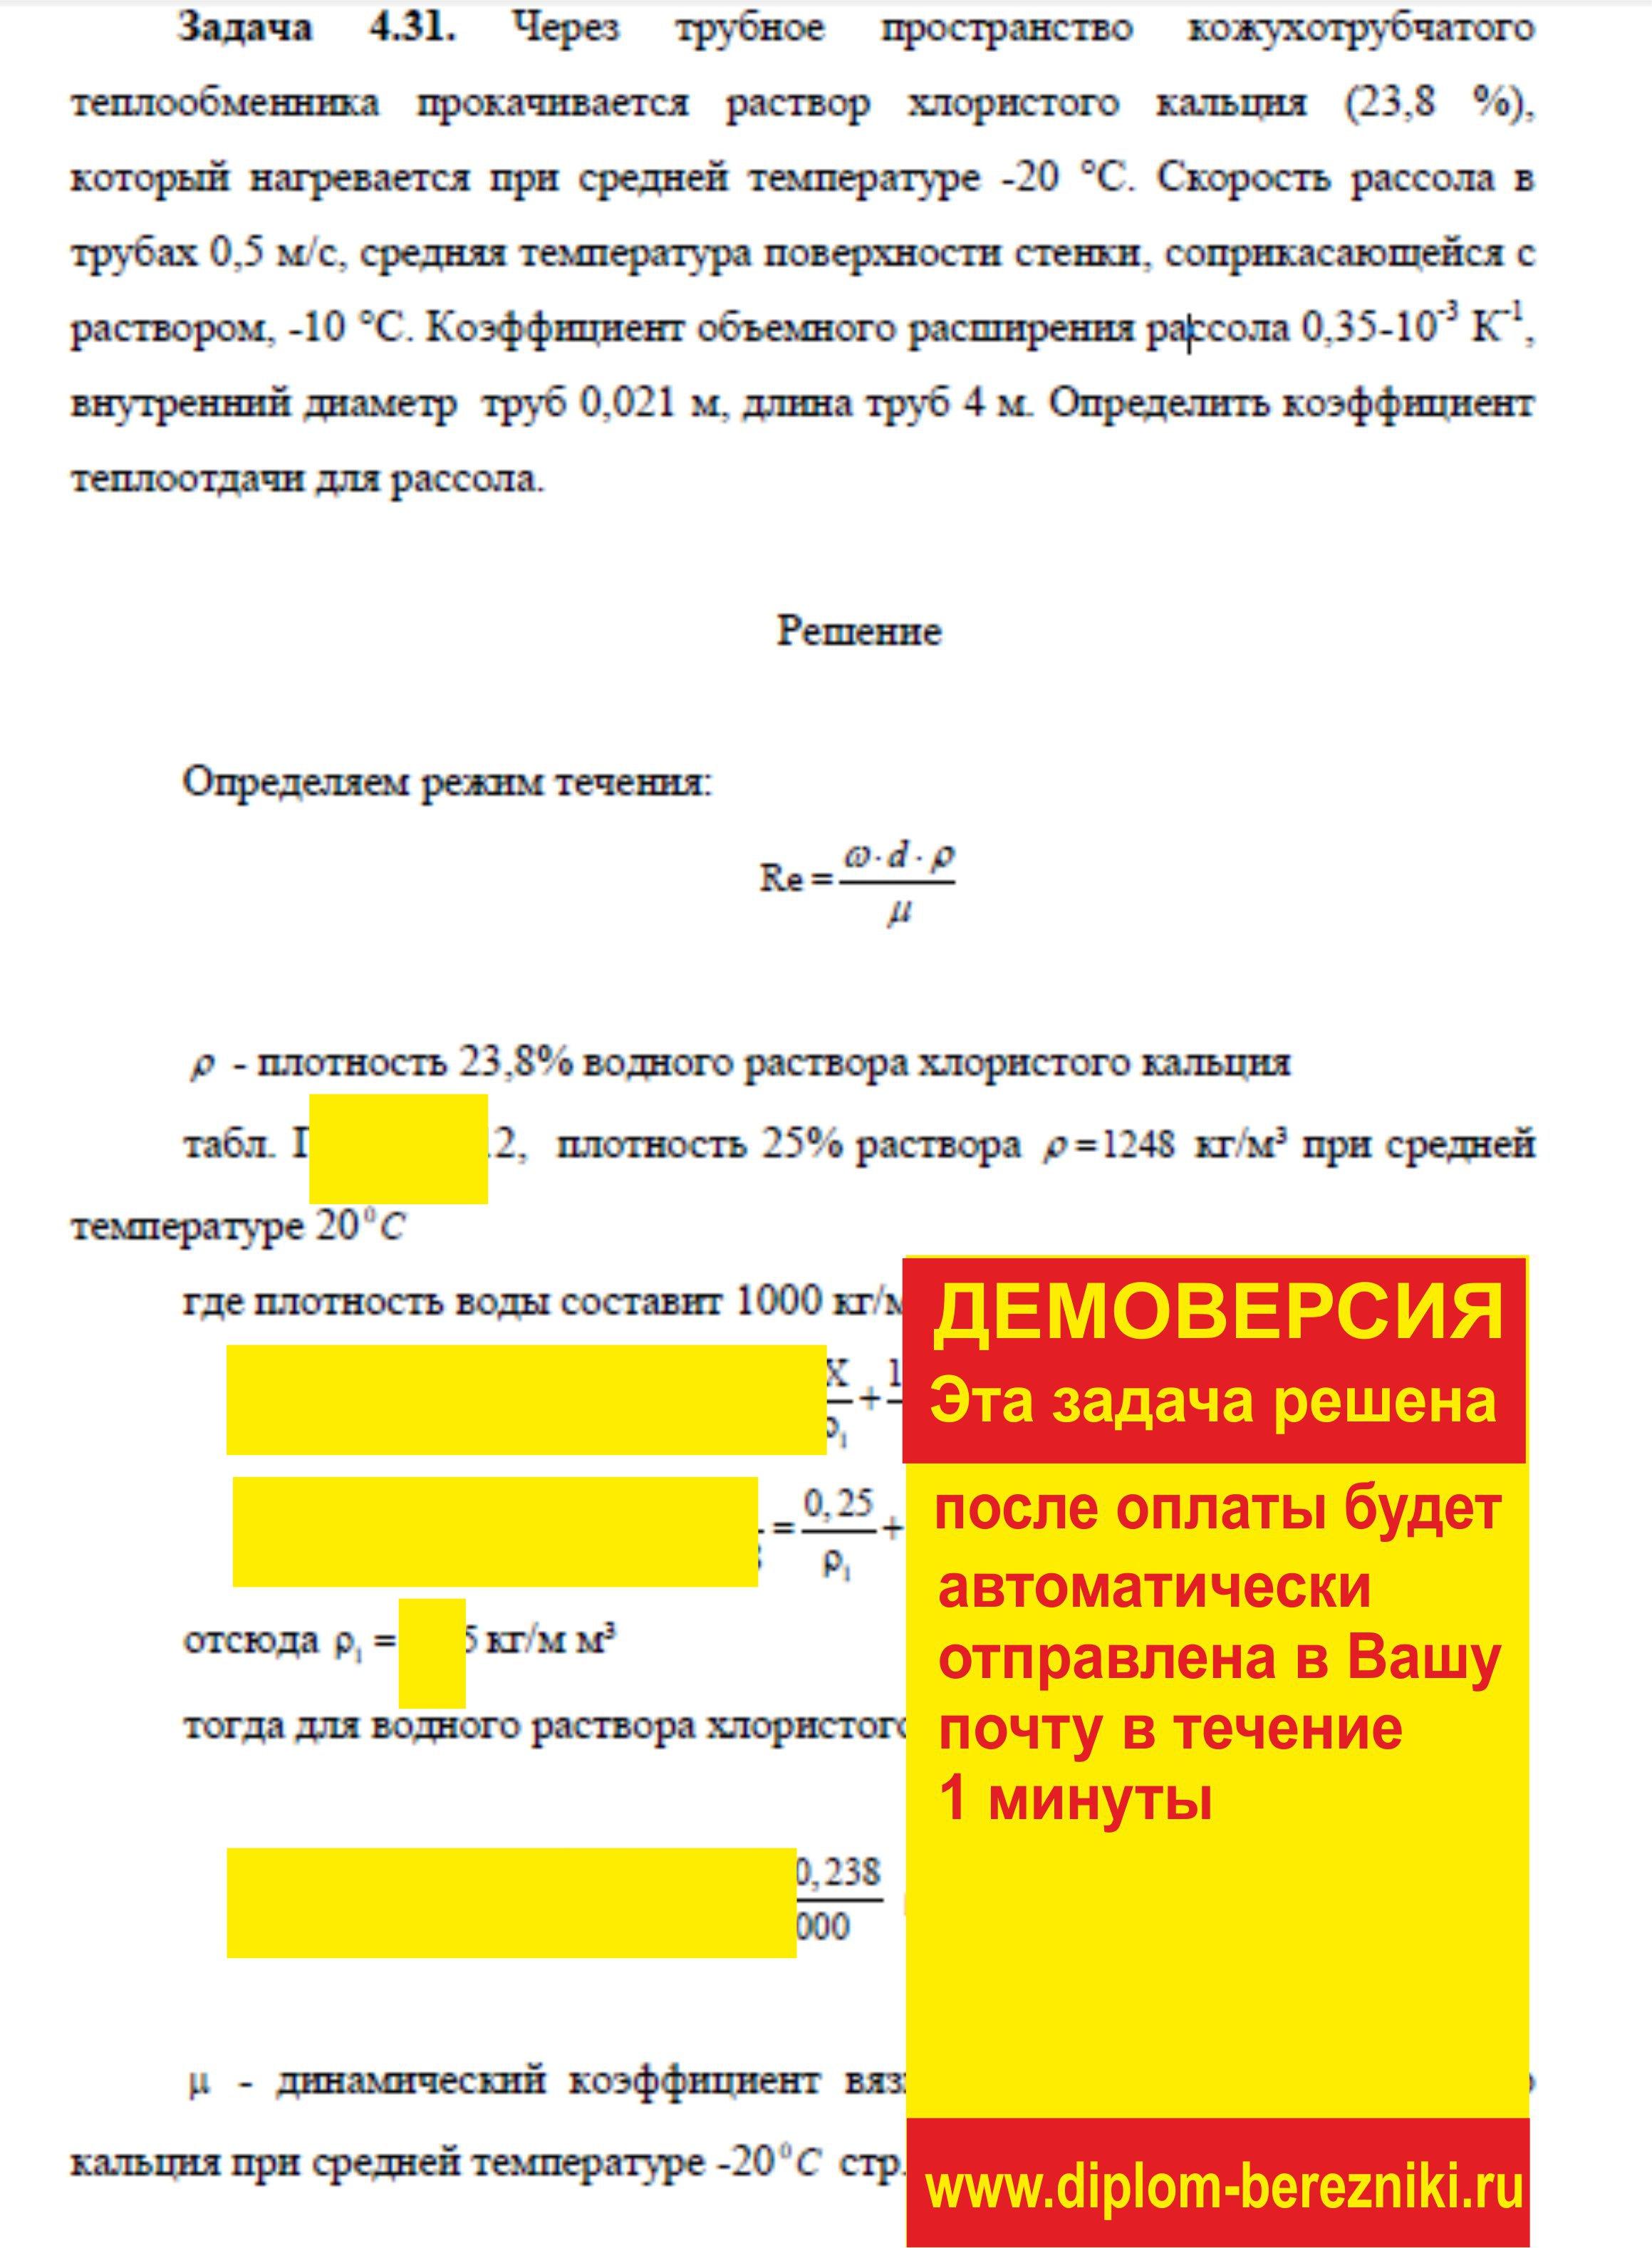 Решение задачи 4.31 по ПАХТ из задачника Павлова Романкова Носкова